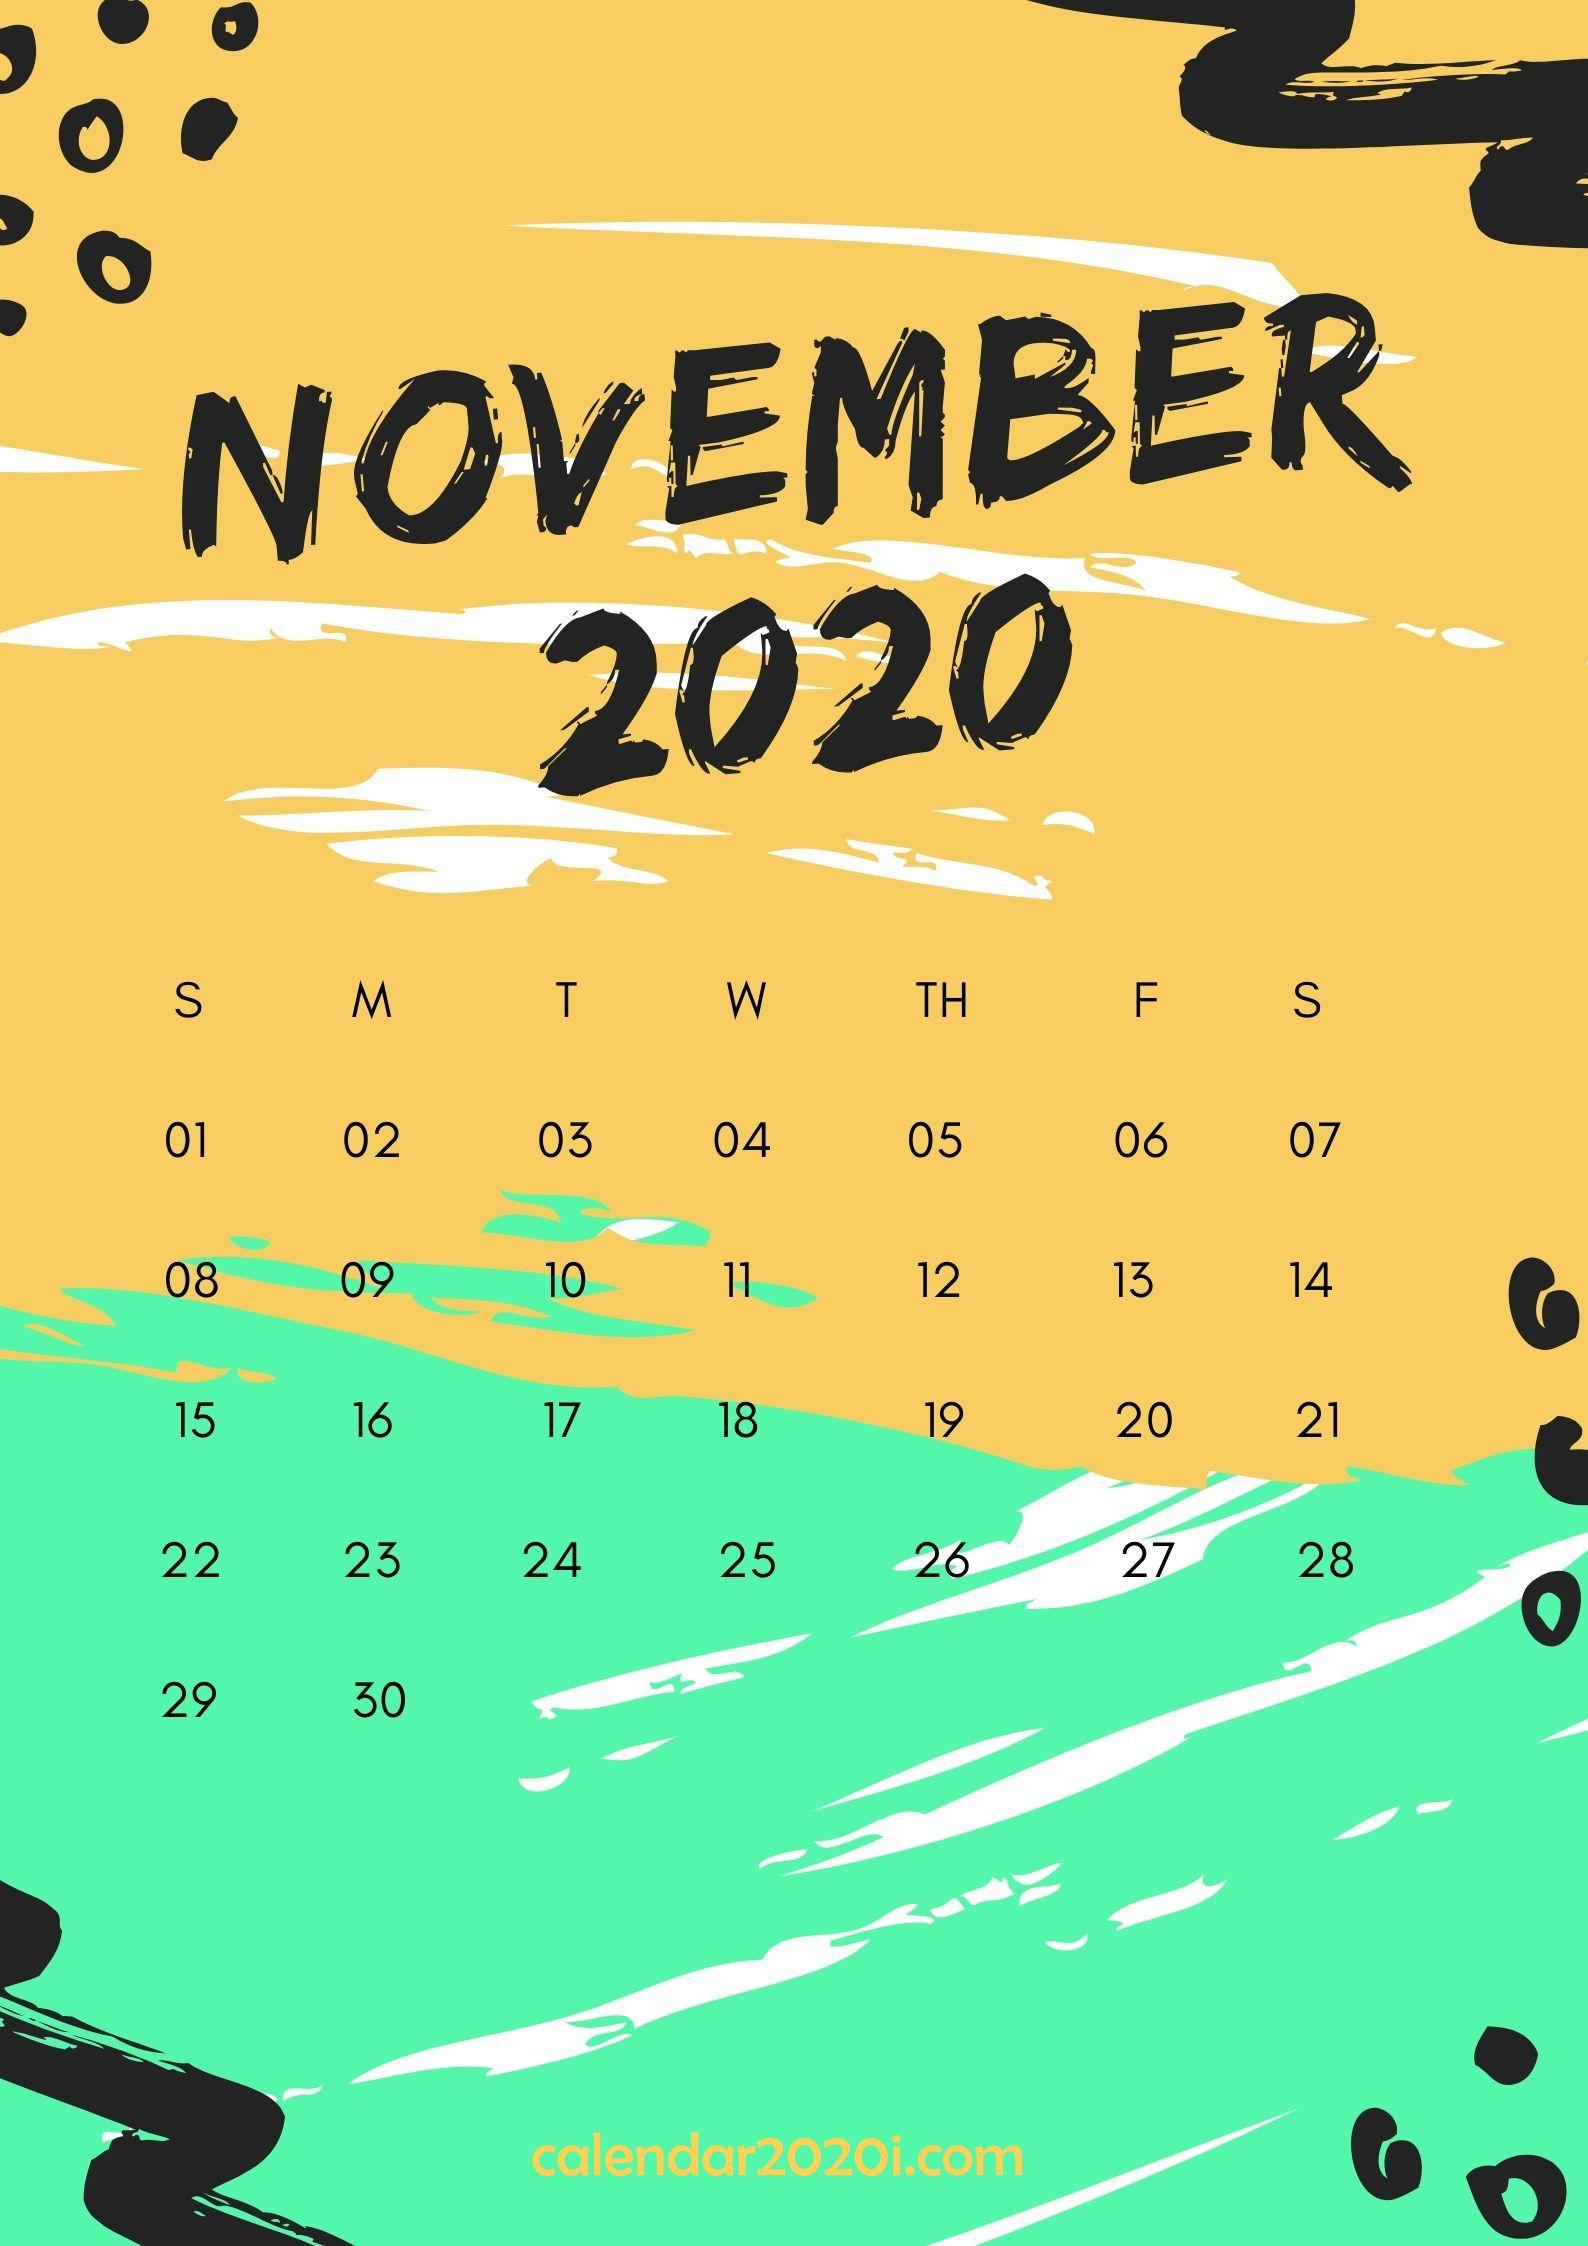 November 2020 Wall Calendar Printable